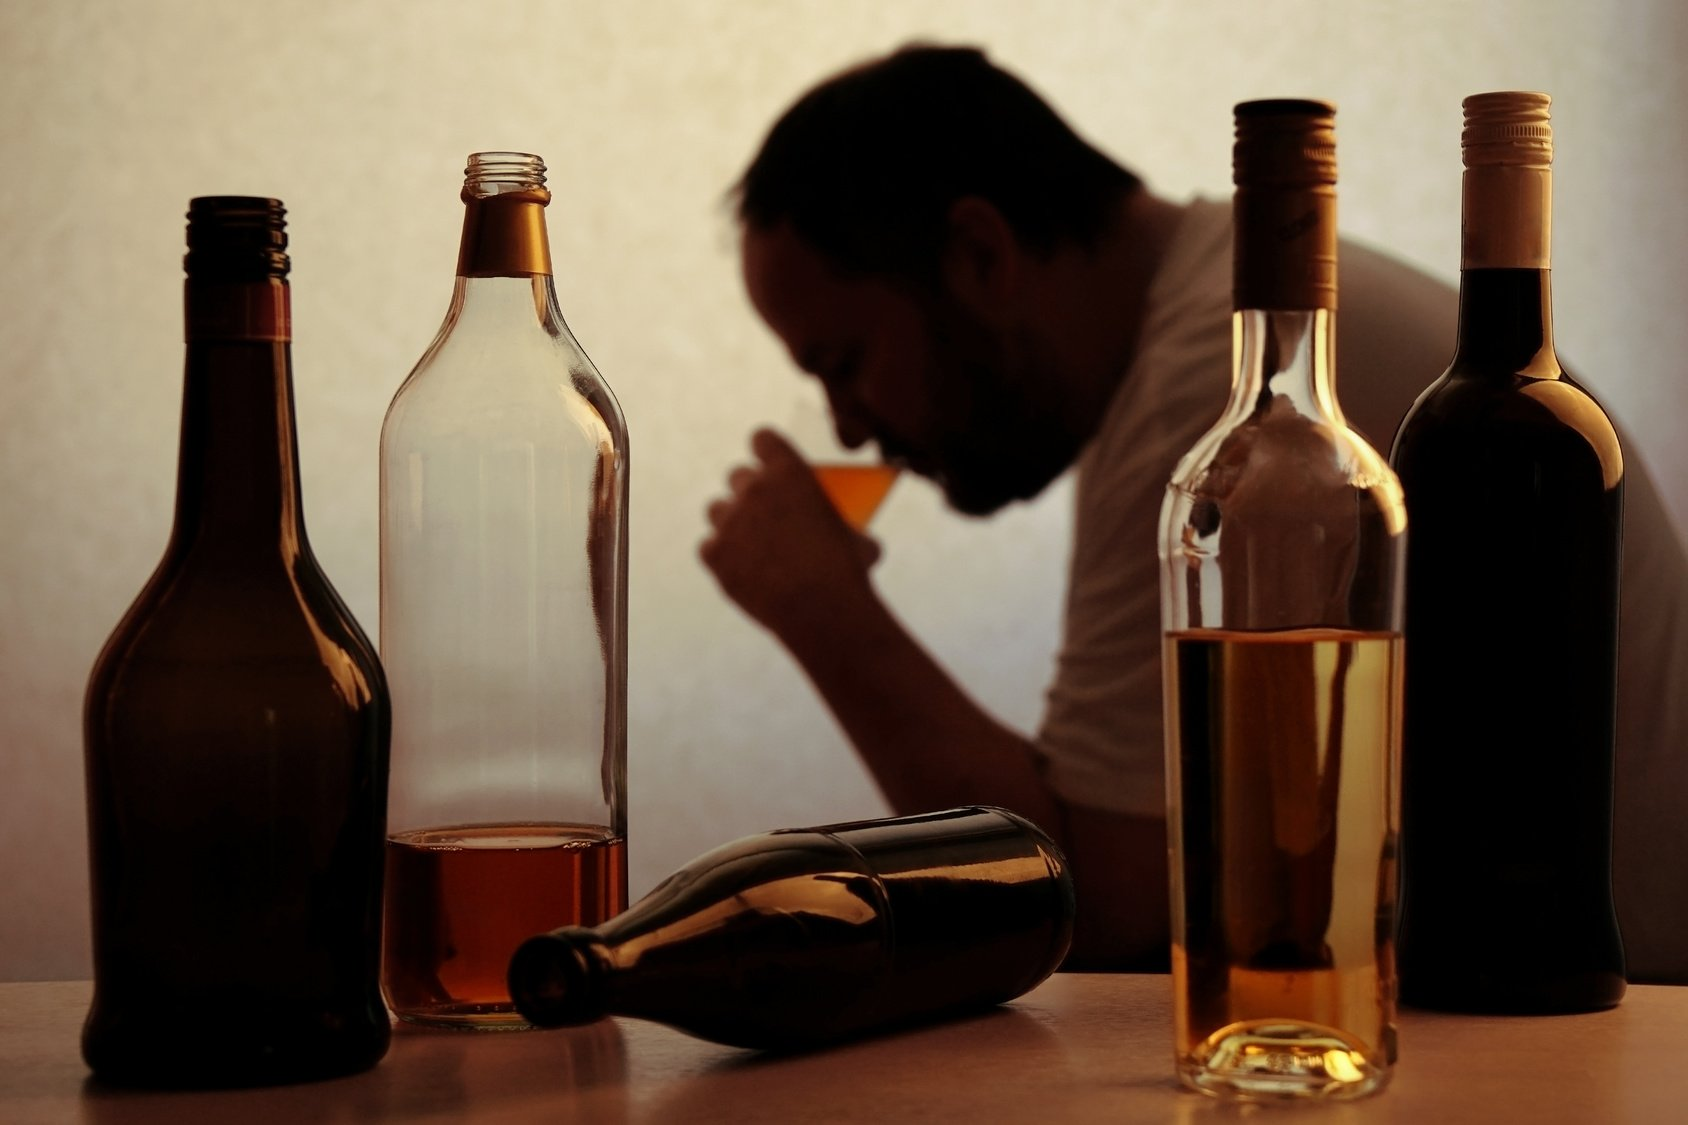 Кто-то сказал, что алкоголь убивает коронавирус? Не верьте